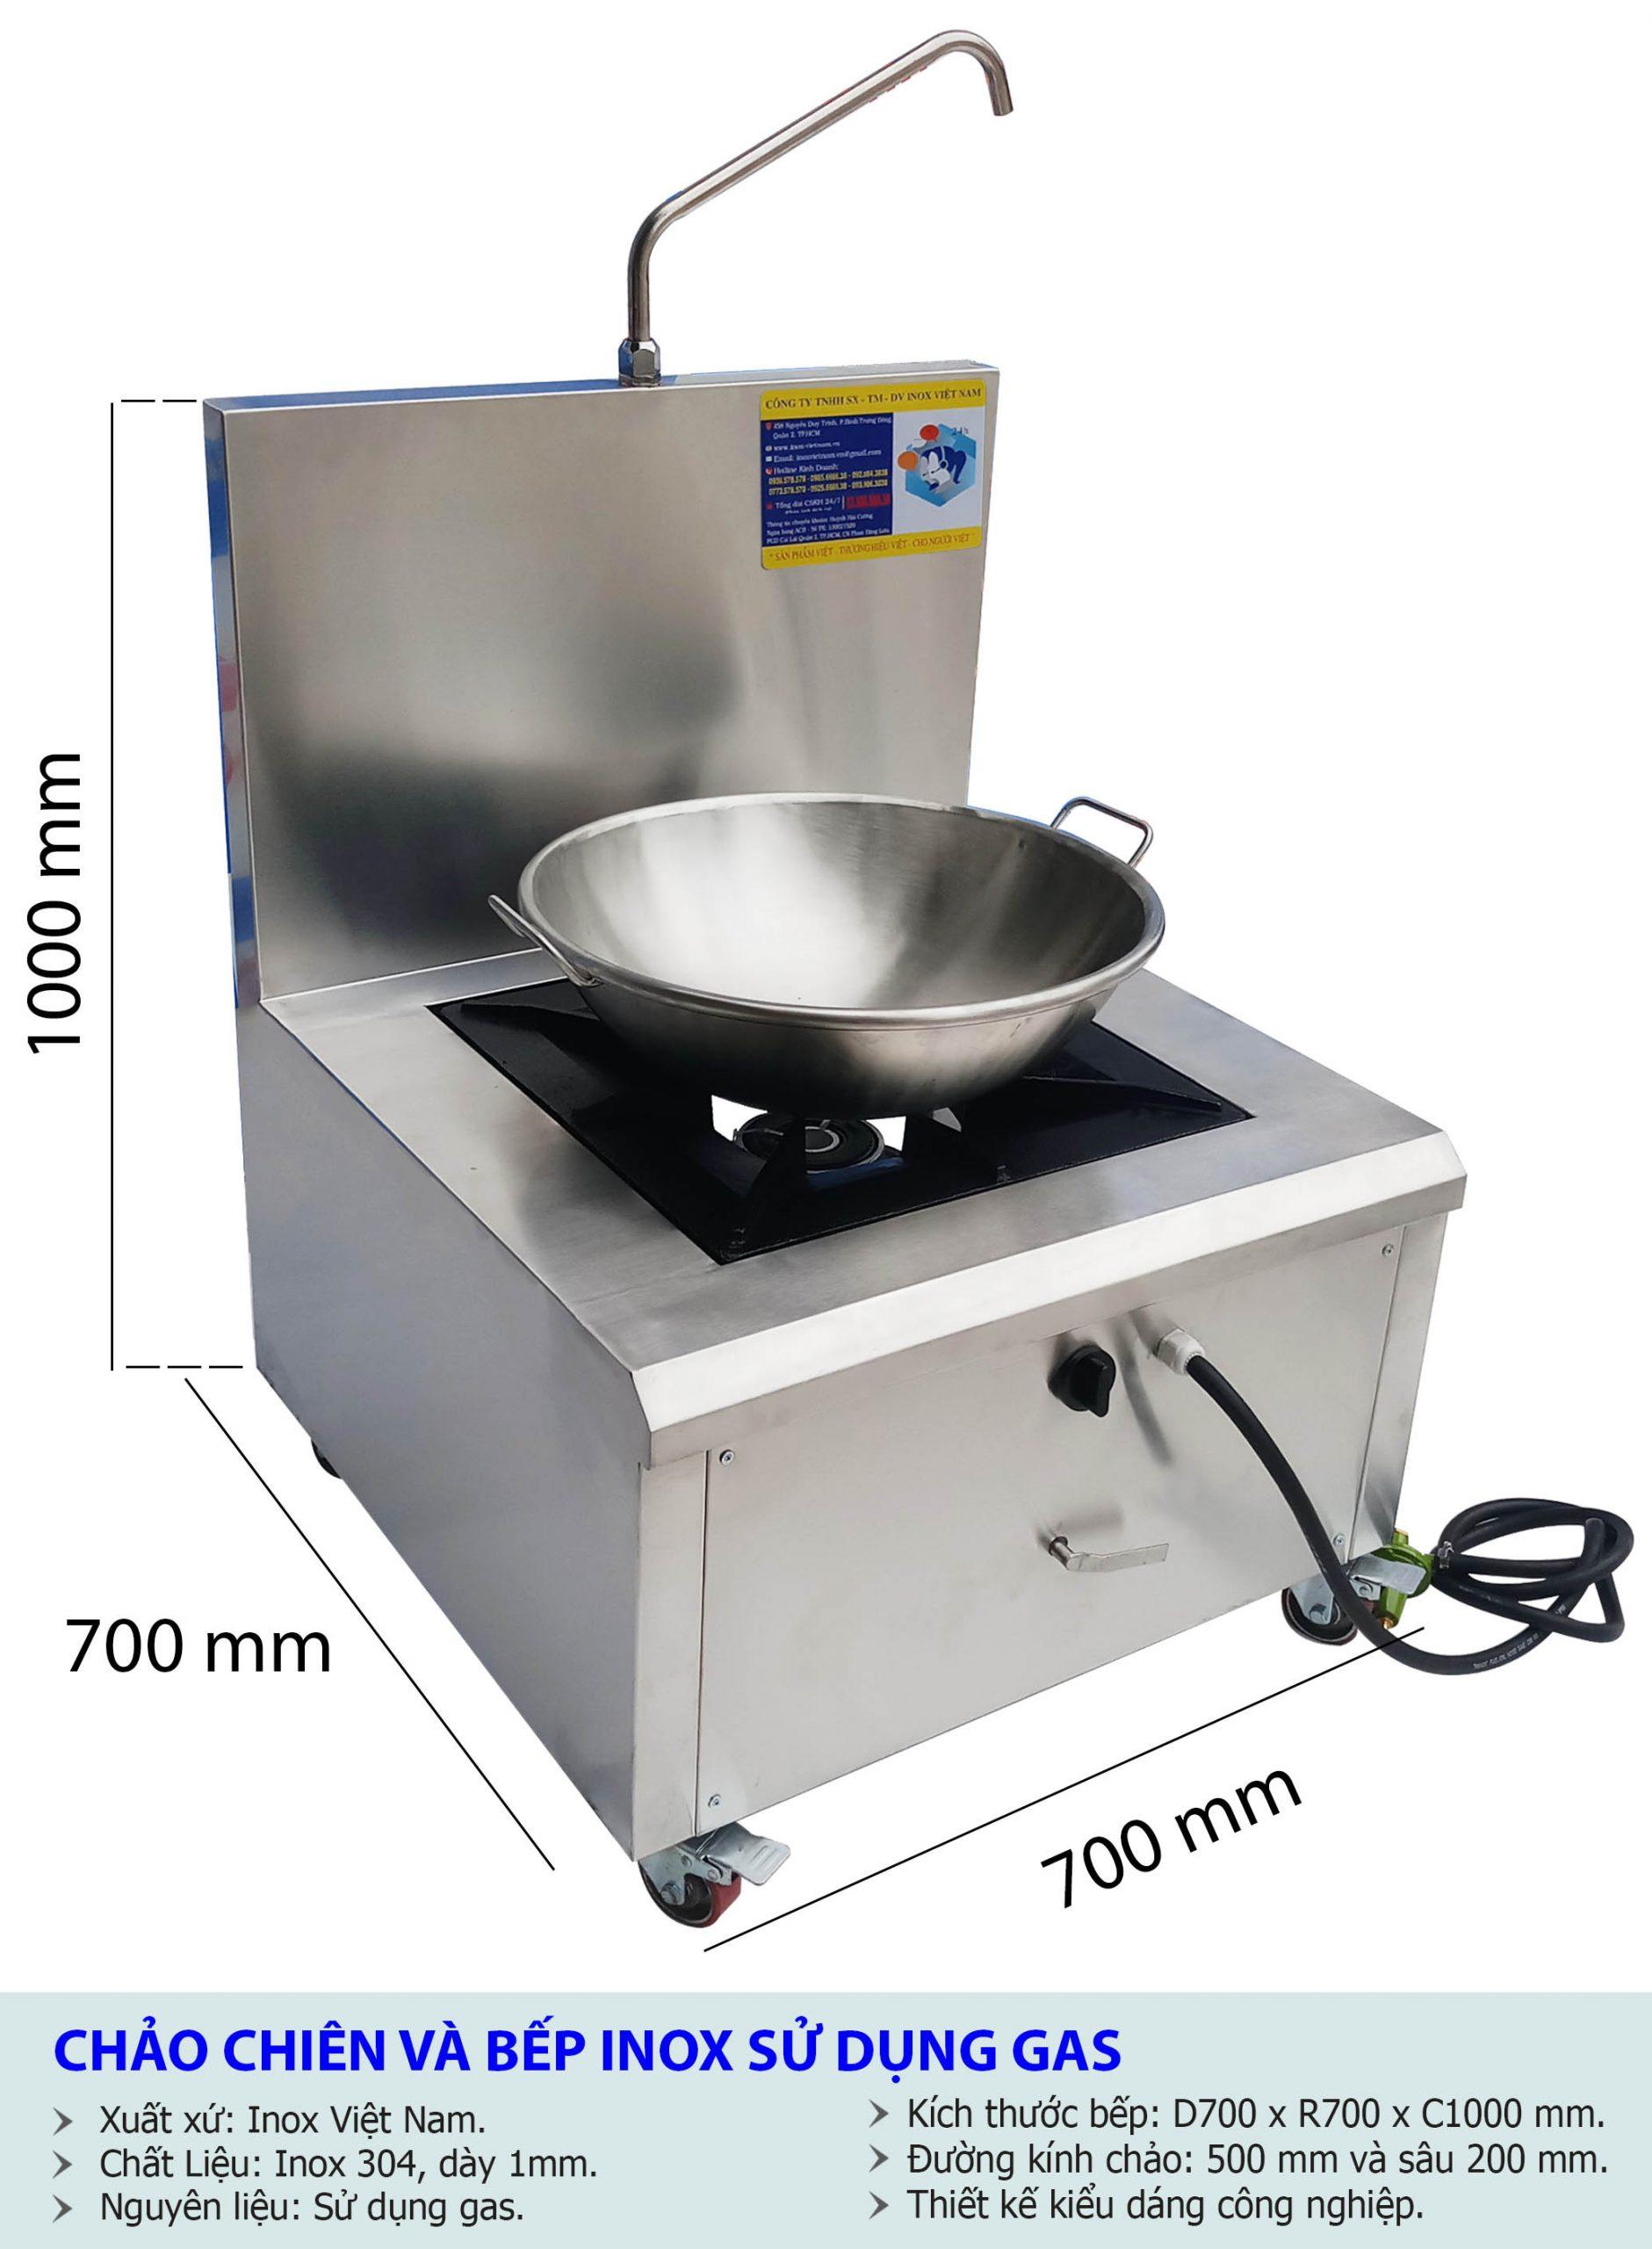 Kích thước bộ chảo chống dính inox 304 và bếp inox sử dụng gas cao cấp.